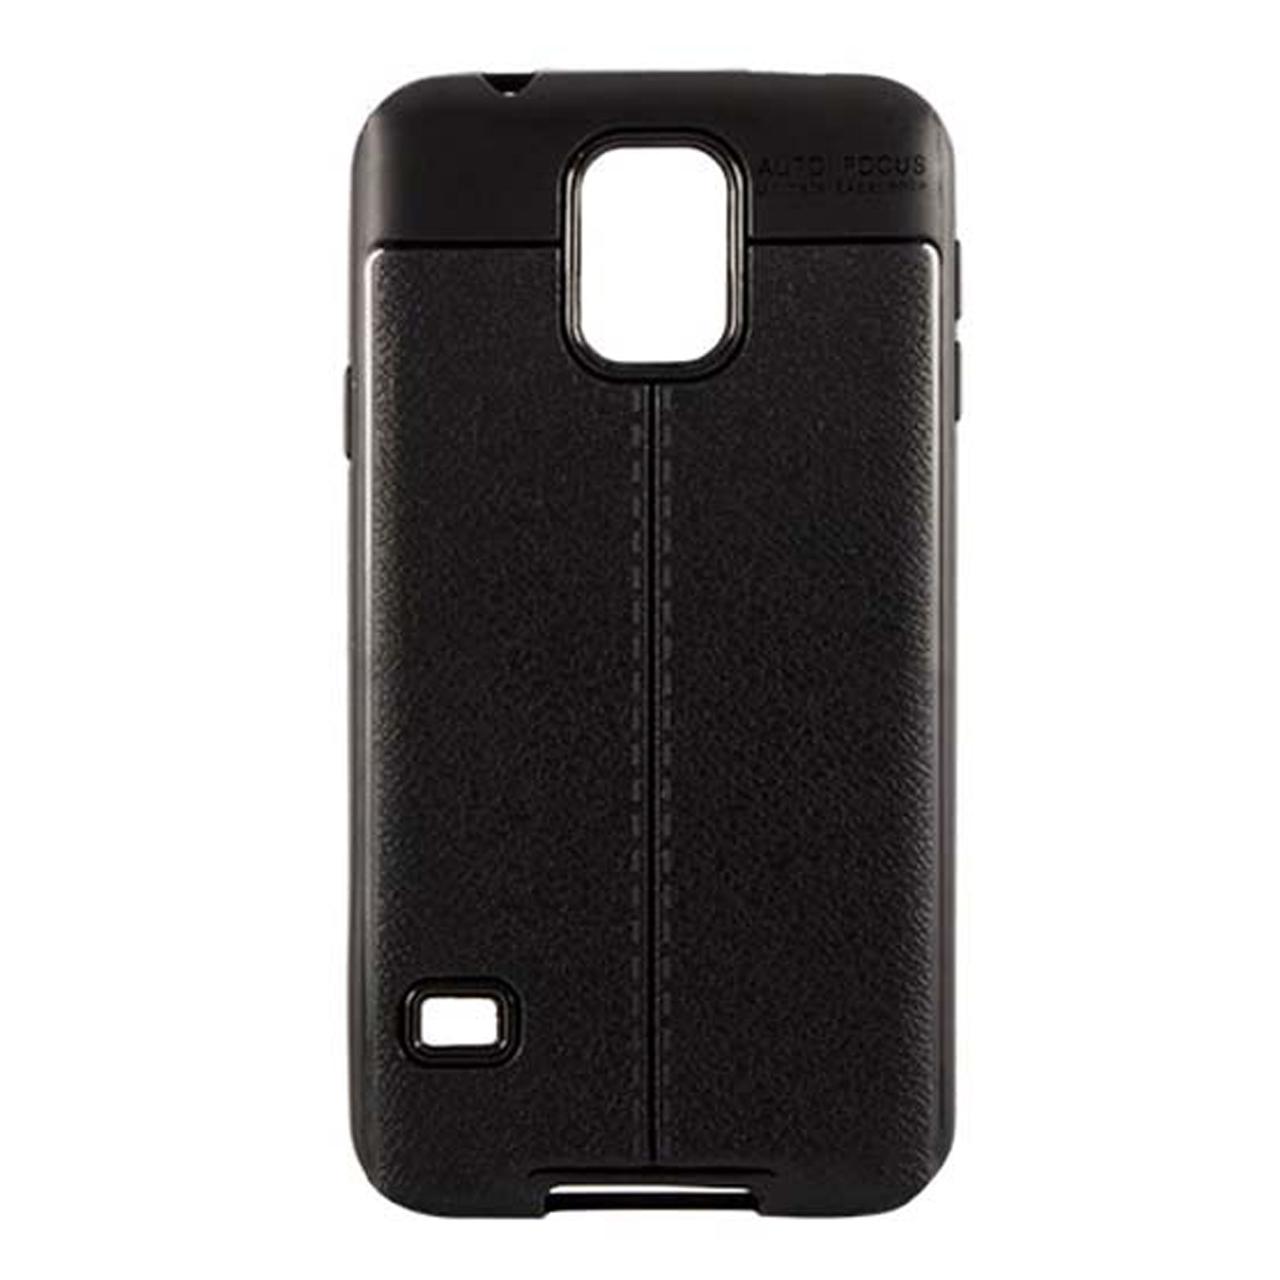 کاور مورفی مدل Auto7 مناسب برای گوشی موبایل سامسونگ Galaxy S5